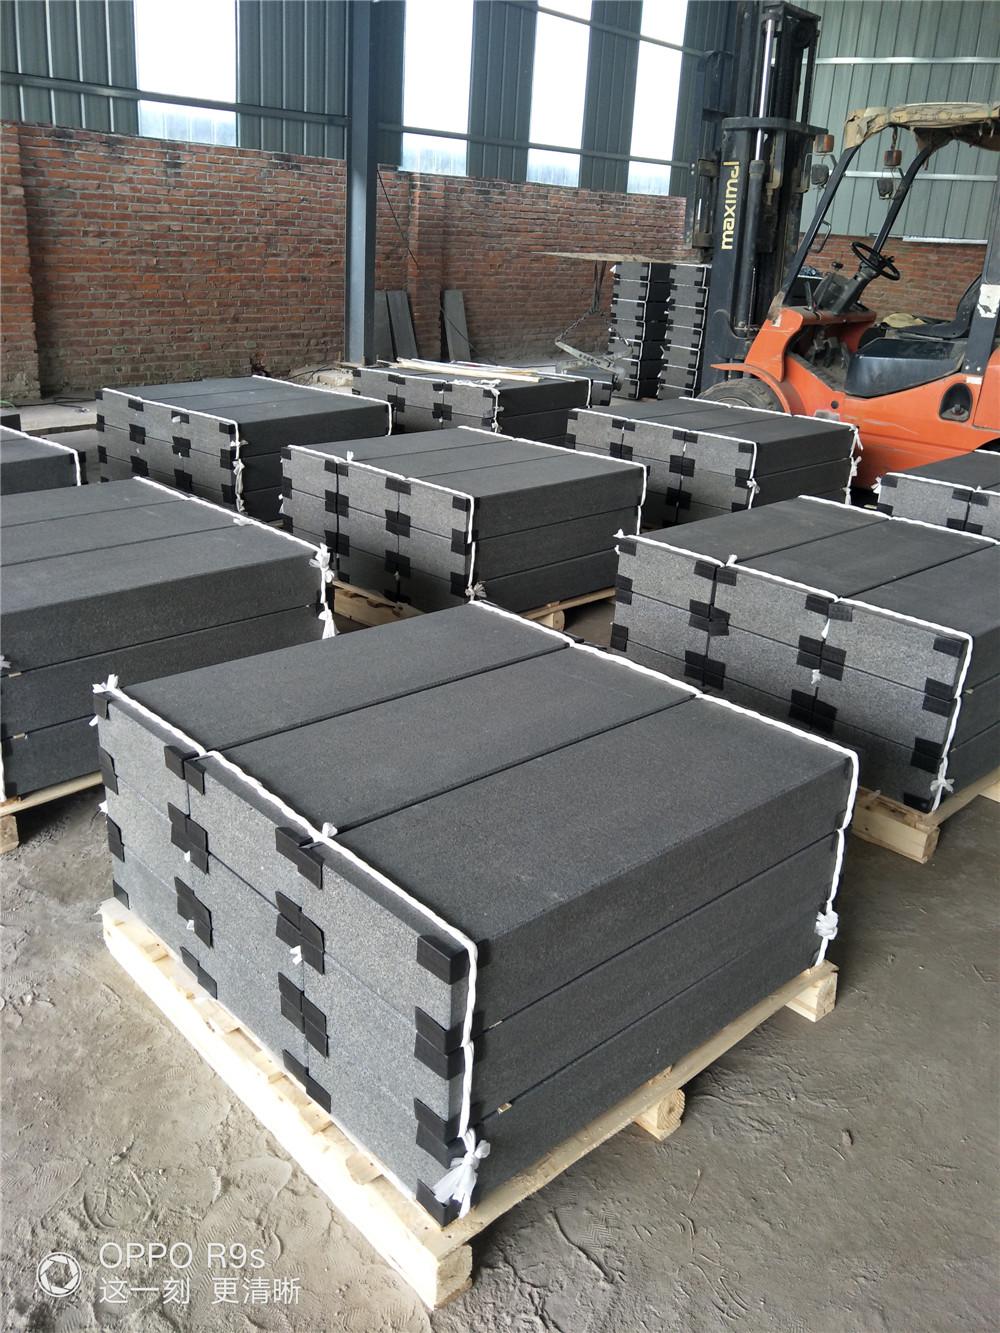 New G684 Black Basalt